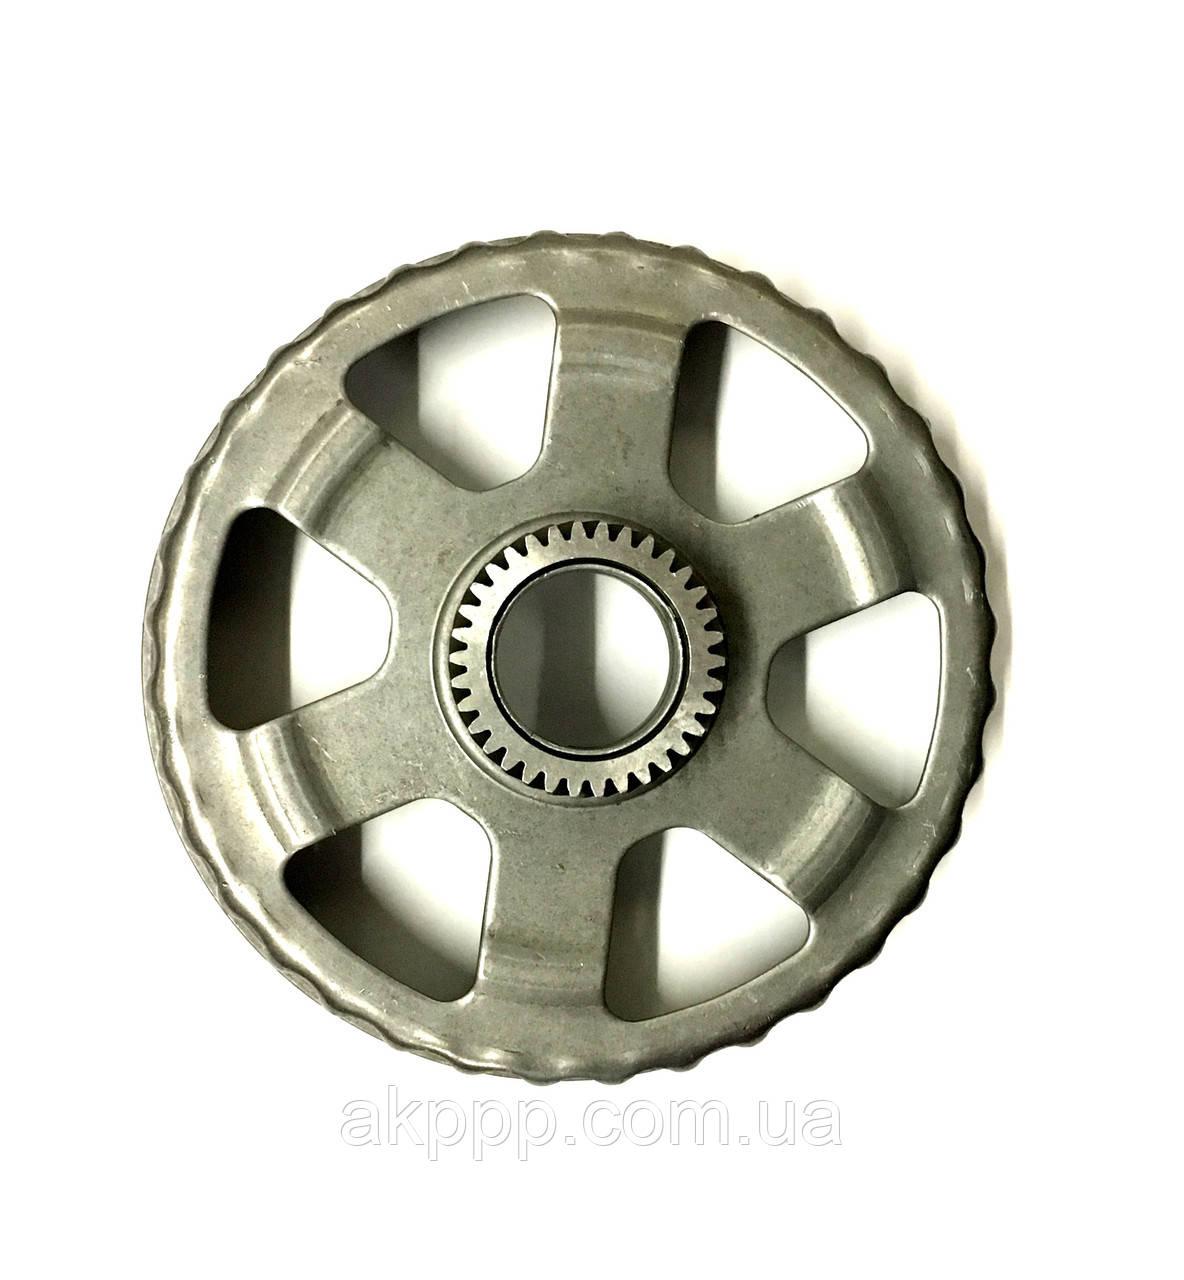 Железо акпп 6T75E